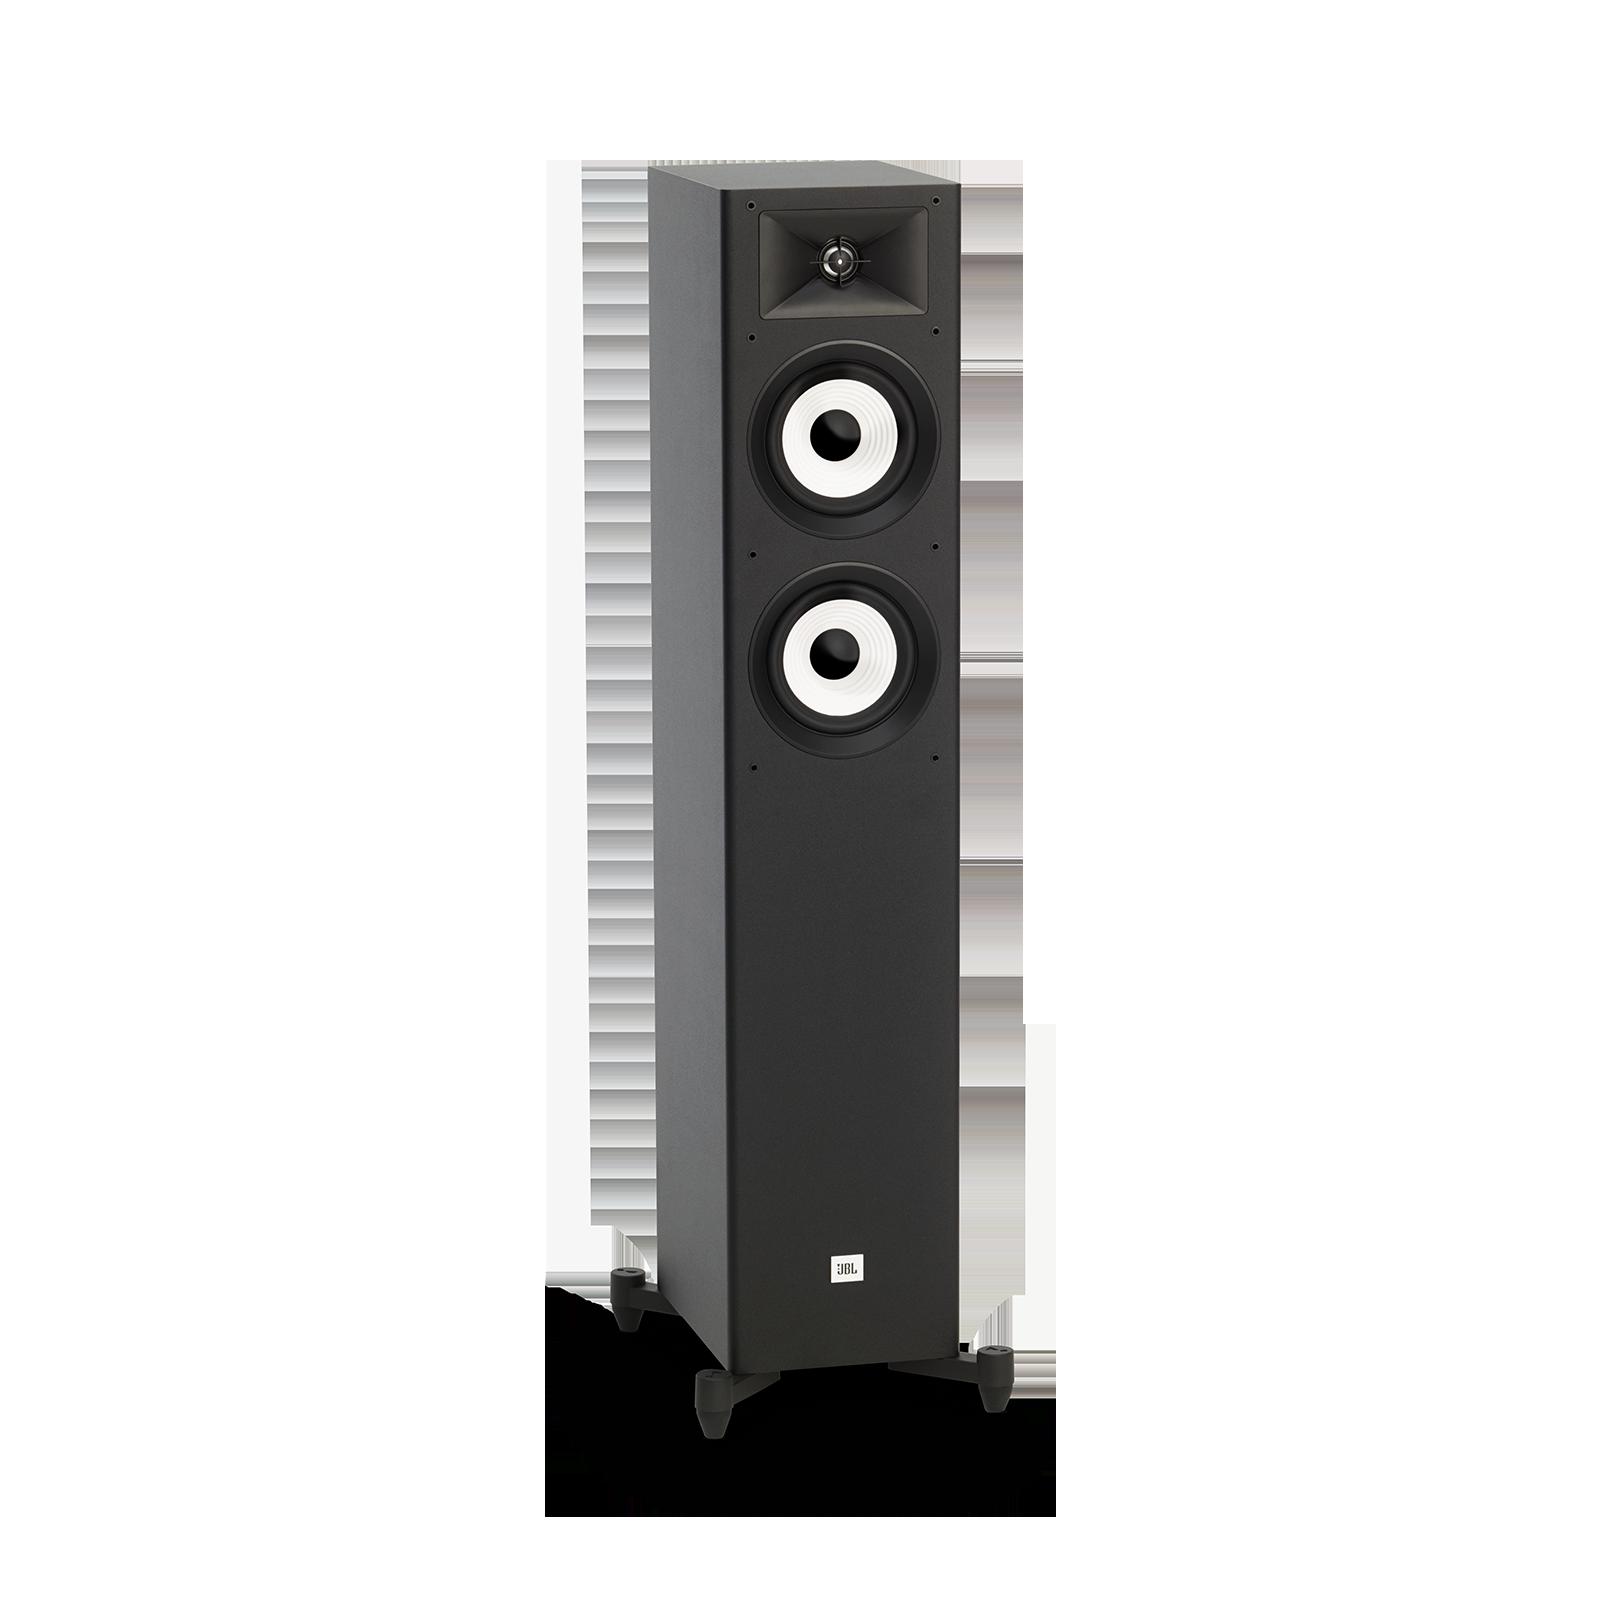 JBL Stage A170 - Black - Home Audio Loudspeaker System - Detailshot 1